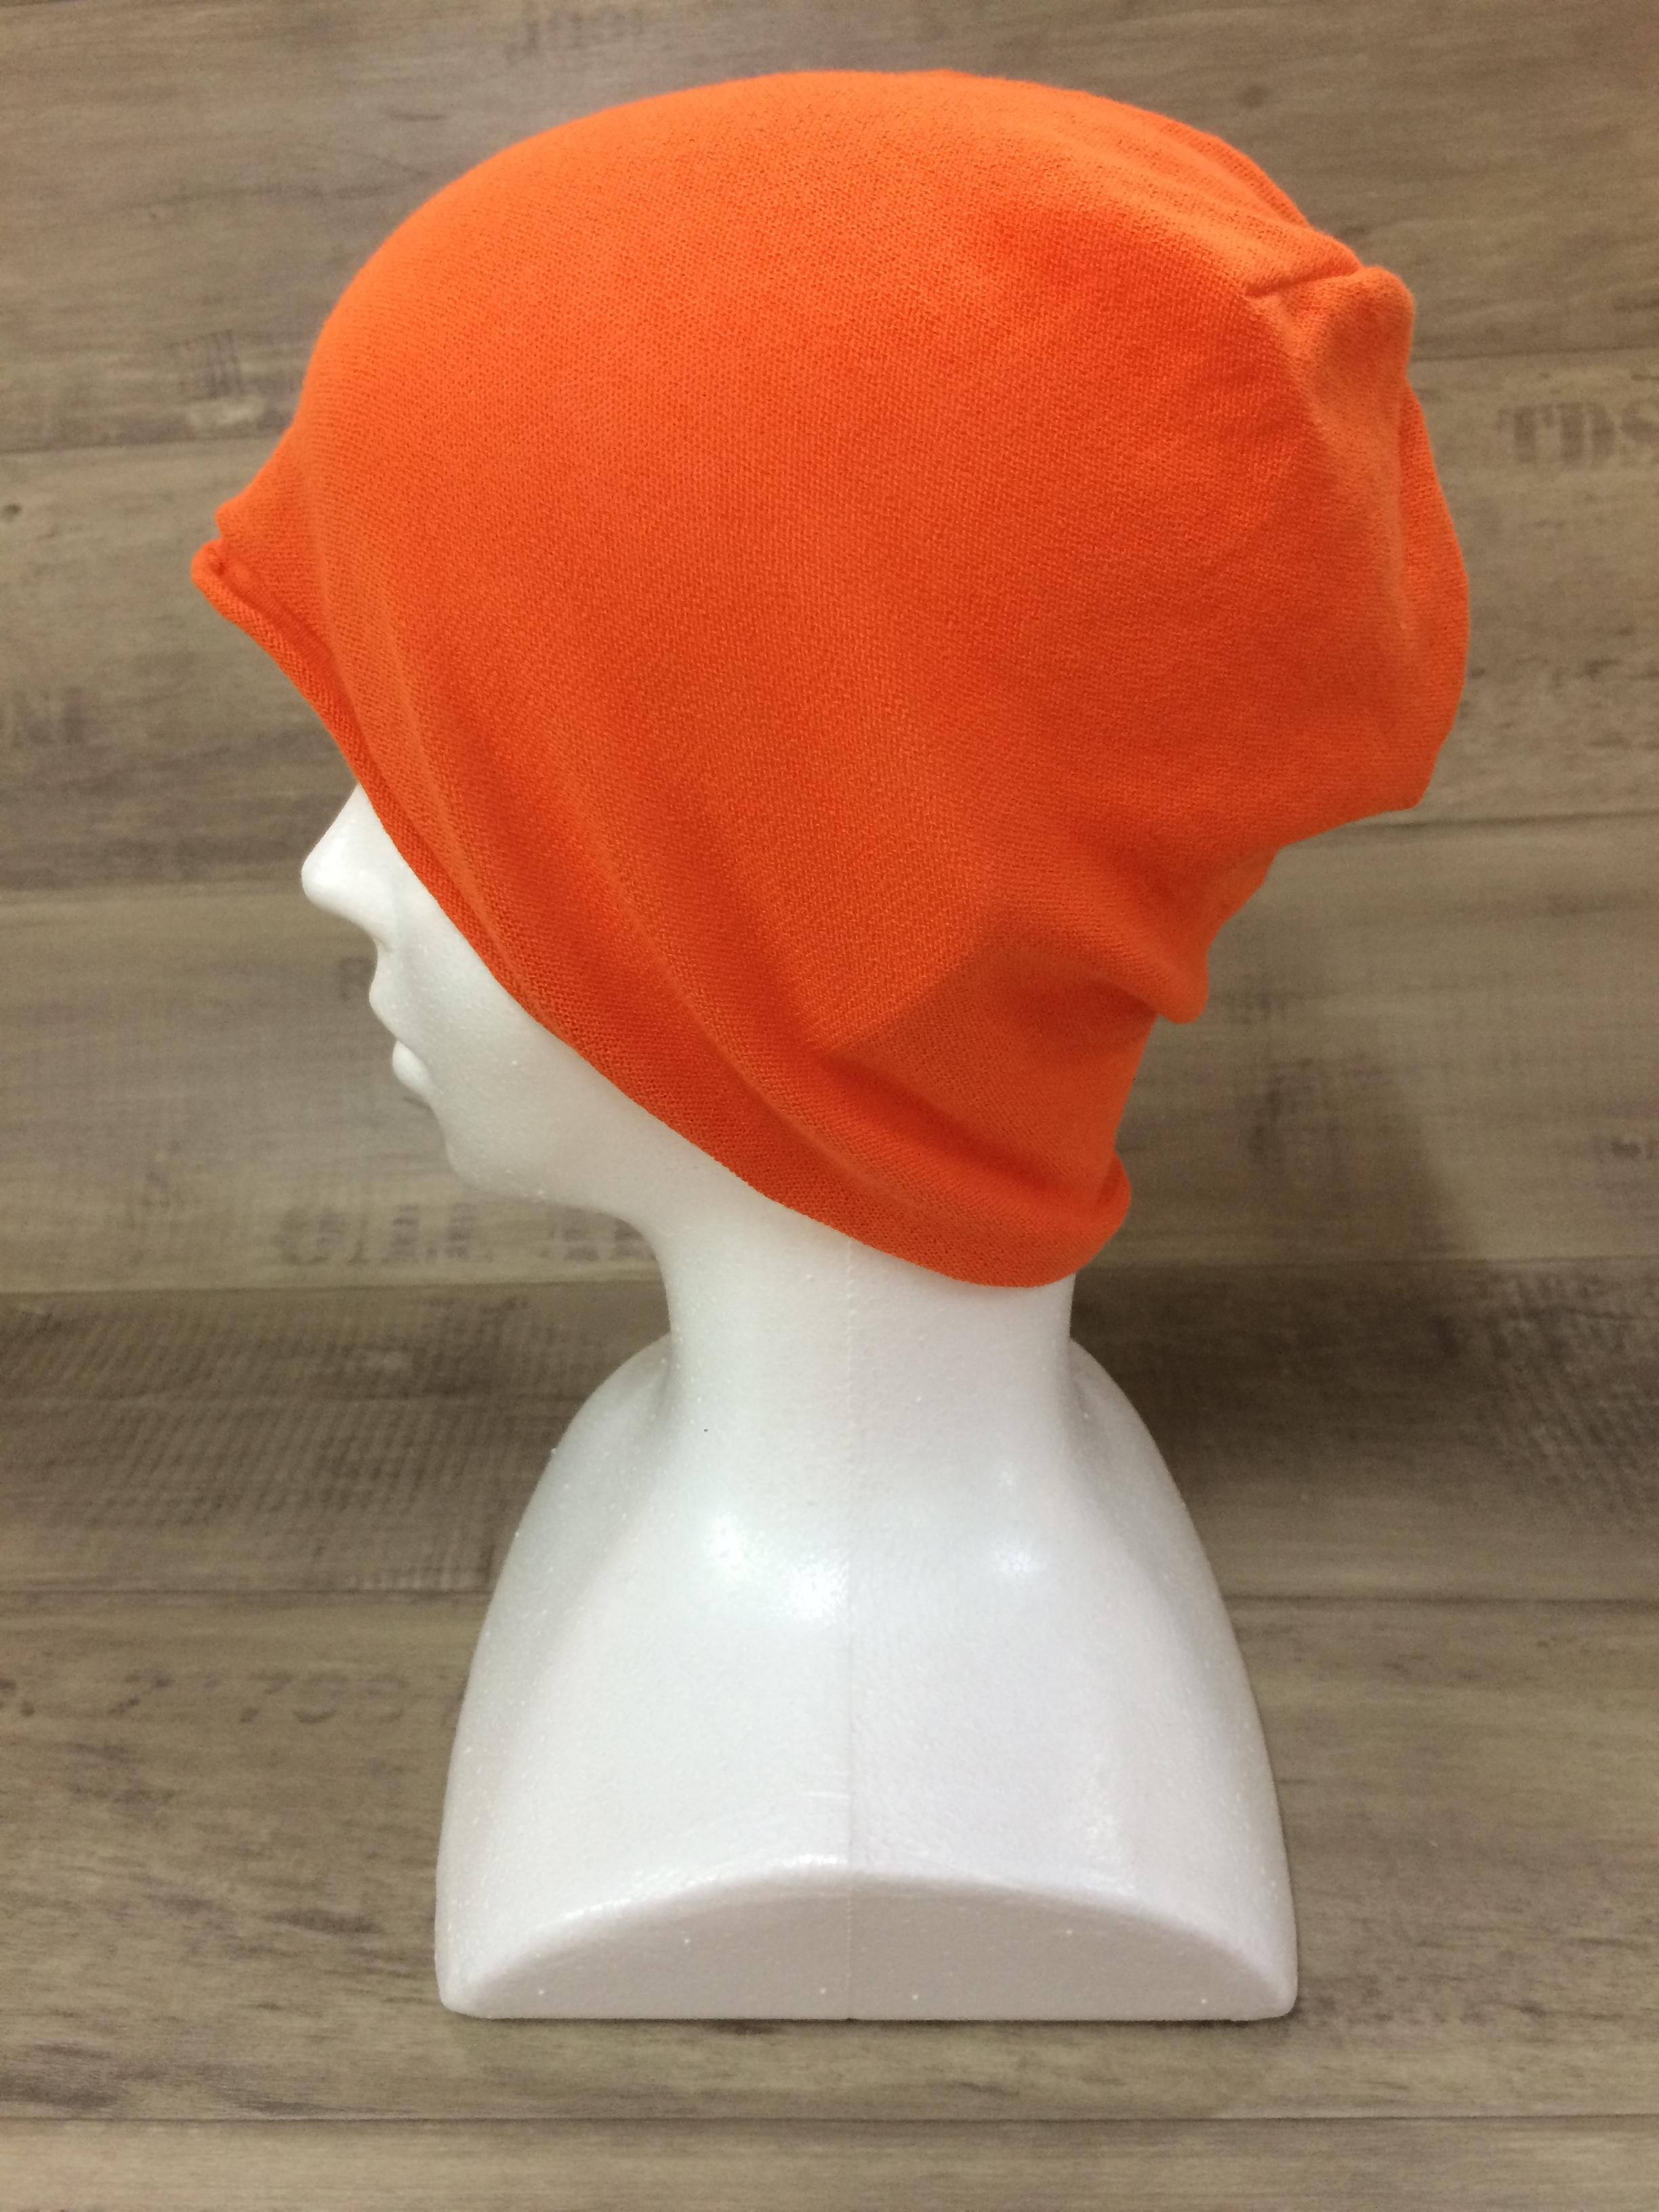 【送料無料】こころが軽くなるニット帽子amuamu|新潟の老舗ニットメーカーが考案した抗がん治療中の脱毛ストレスを軽減する機能性と豊富なデザイン NB-6060|赤橙(あかだいだい)